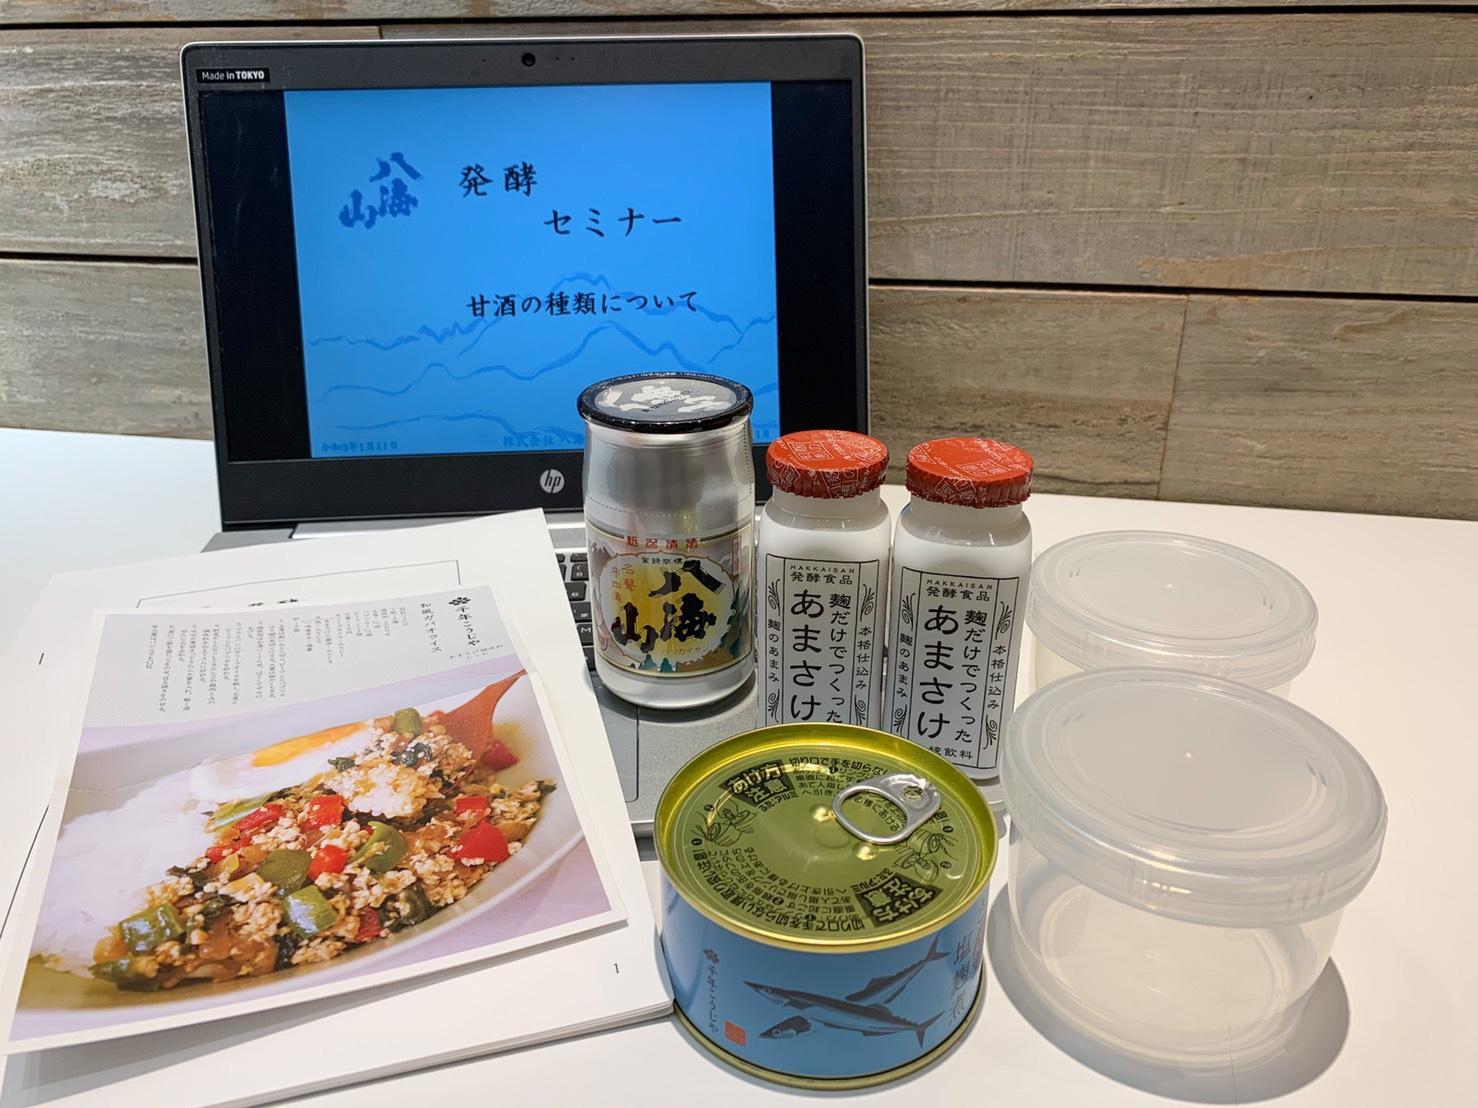 【オンライン企業セミナー】 甘酒調味料づくり~八海山のあまさけ使用~ ※申し込み期限 開催日の7日前まで